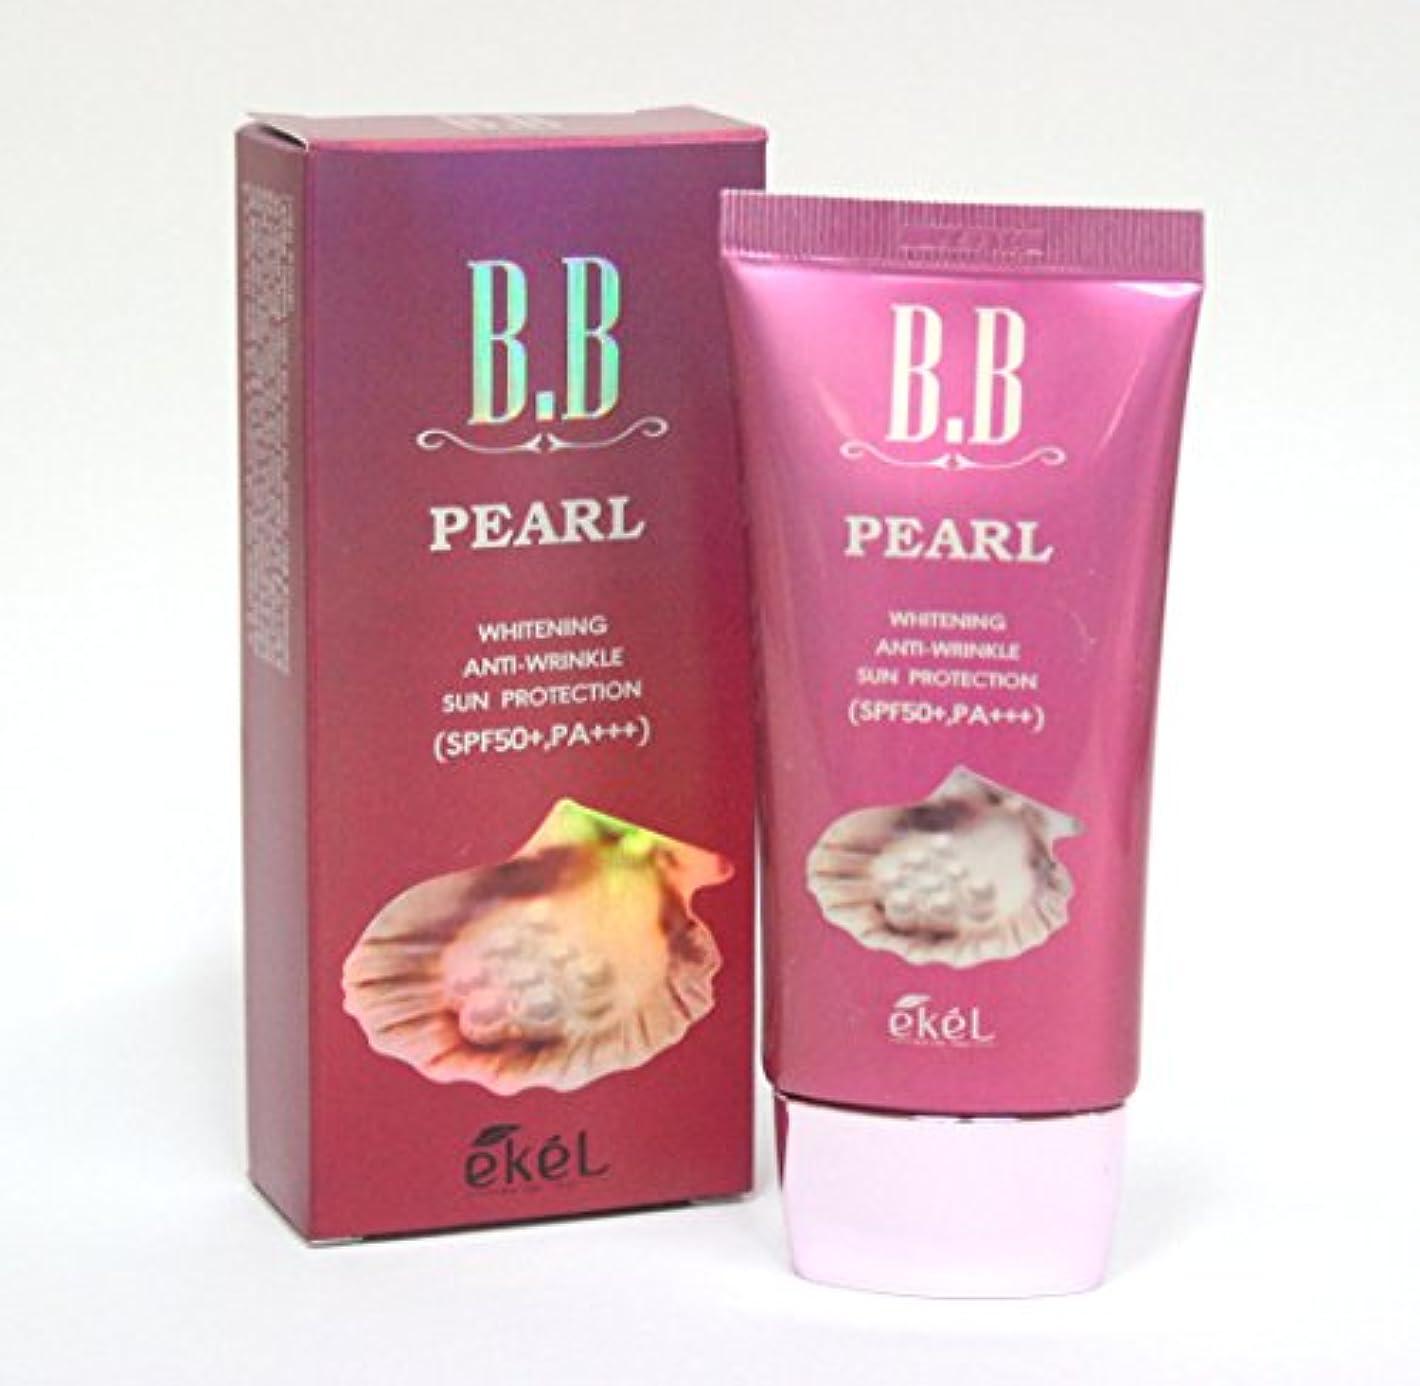 絶えず指次へ[Ekel] パールBBクリーム50ml / Pearl BB Cream 50ml / ホワイトニング、アンチリンクル、日焼け防止SPF50 + PA +++ / Whitening, Anti-wrinkle, Sun...